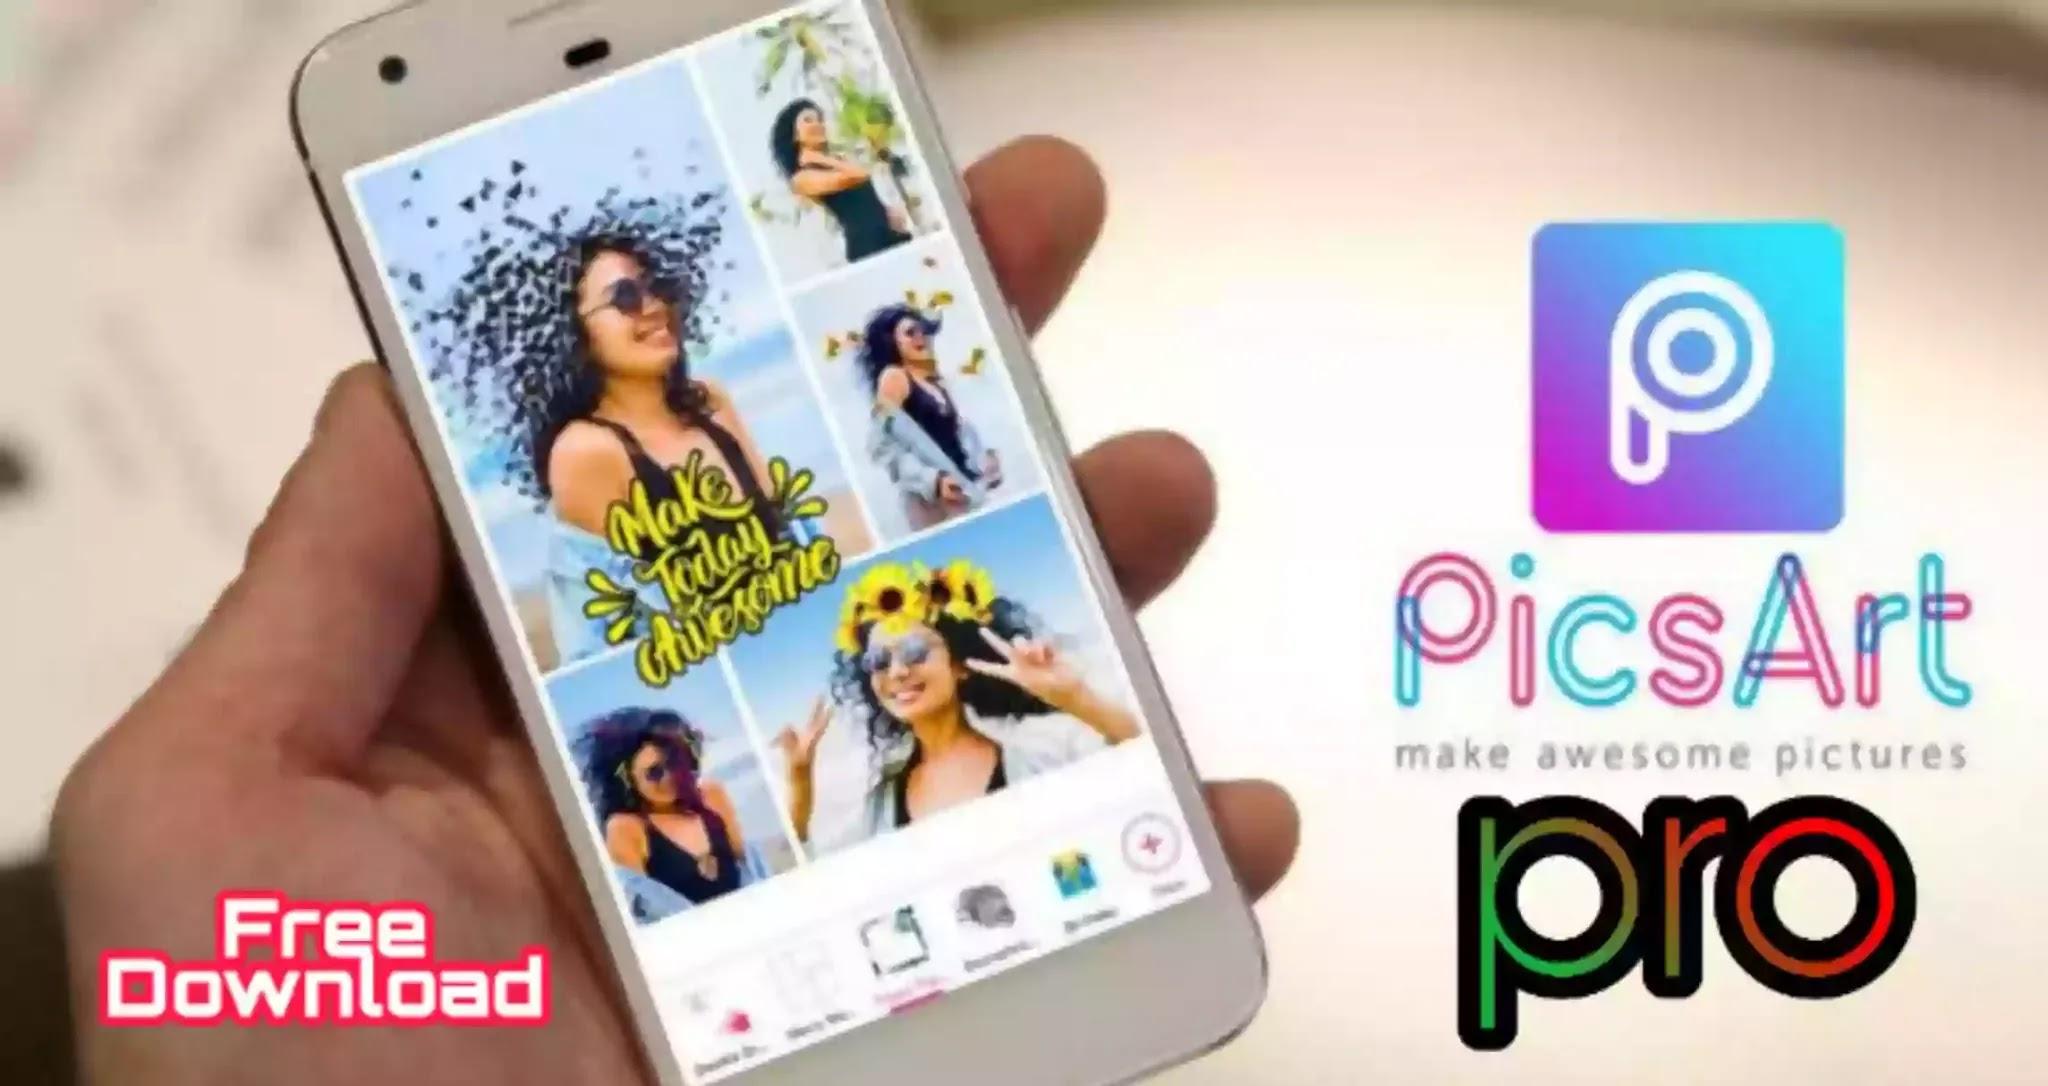 PicsArt Mod APK old version, PicsArt Mod APK for PC, PicsArt Mod Apk HappyMod, picsart 12.8.5 mod apk,